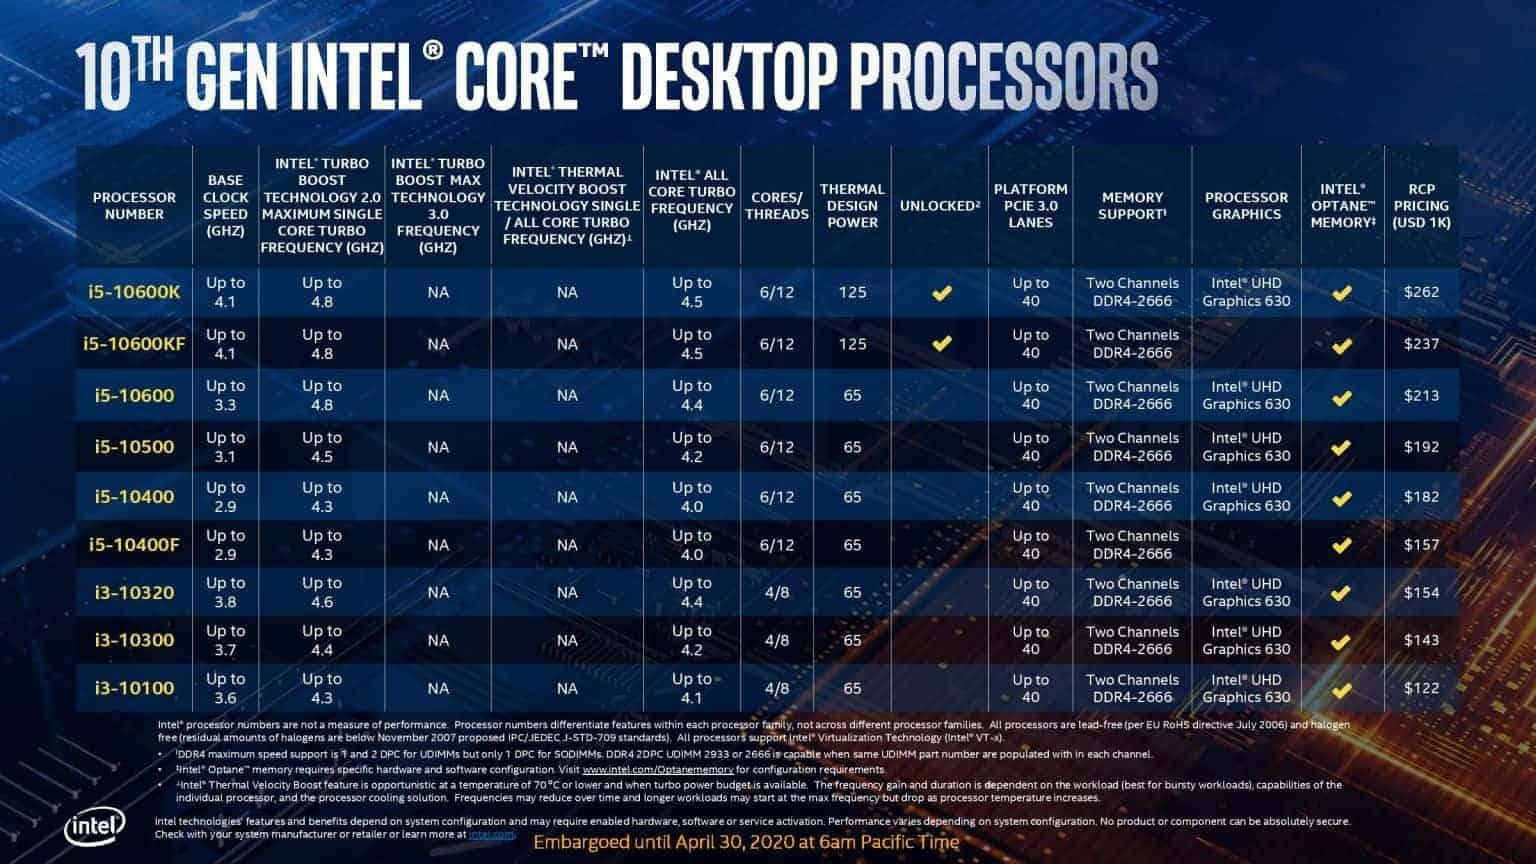 Core i5 to i3